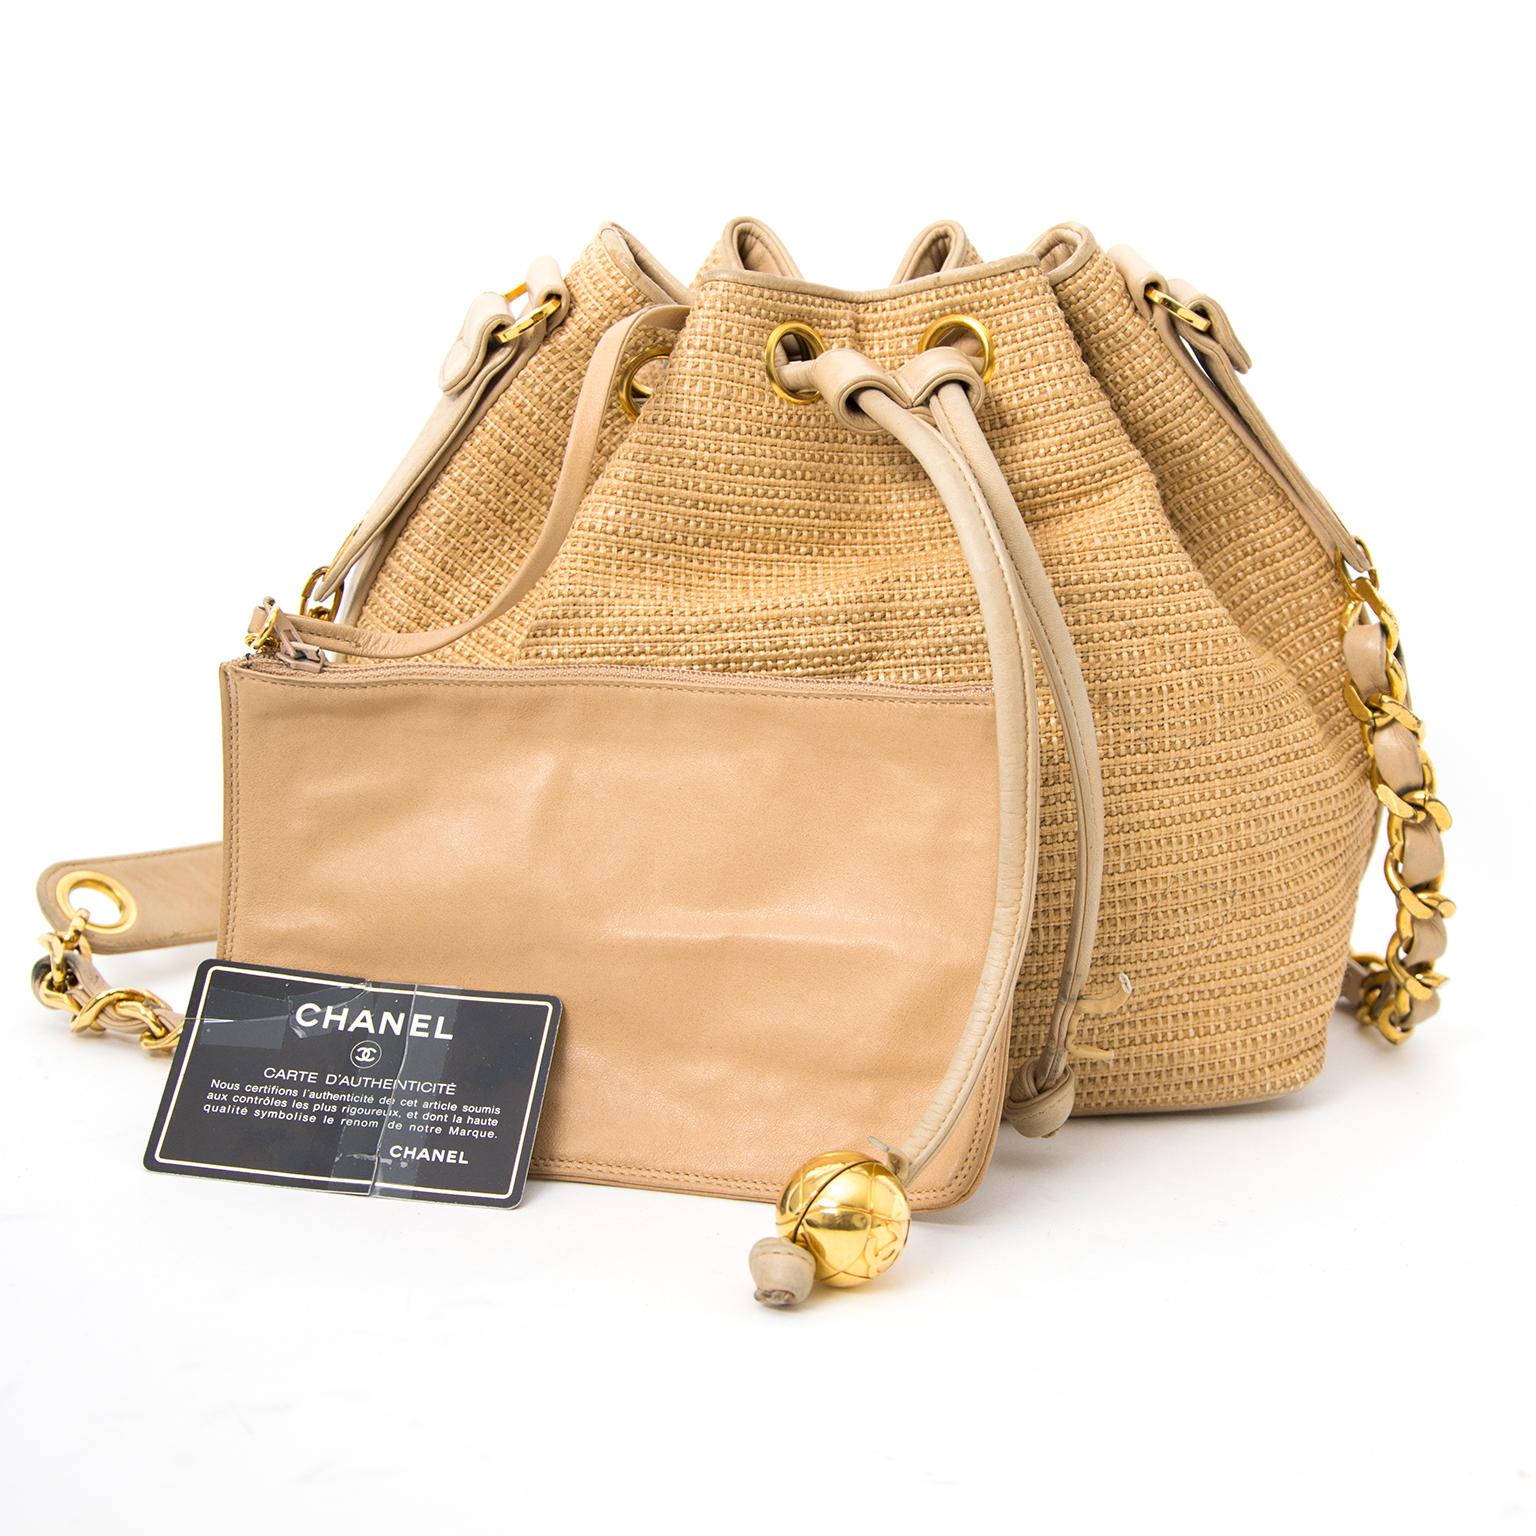 koop veilig online  of in shop jou tweedehands Chanel Vintage beige schoudertas aan de beste prijs 100% authentiek